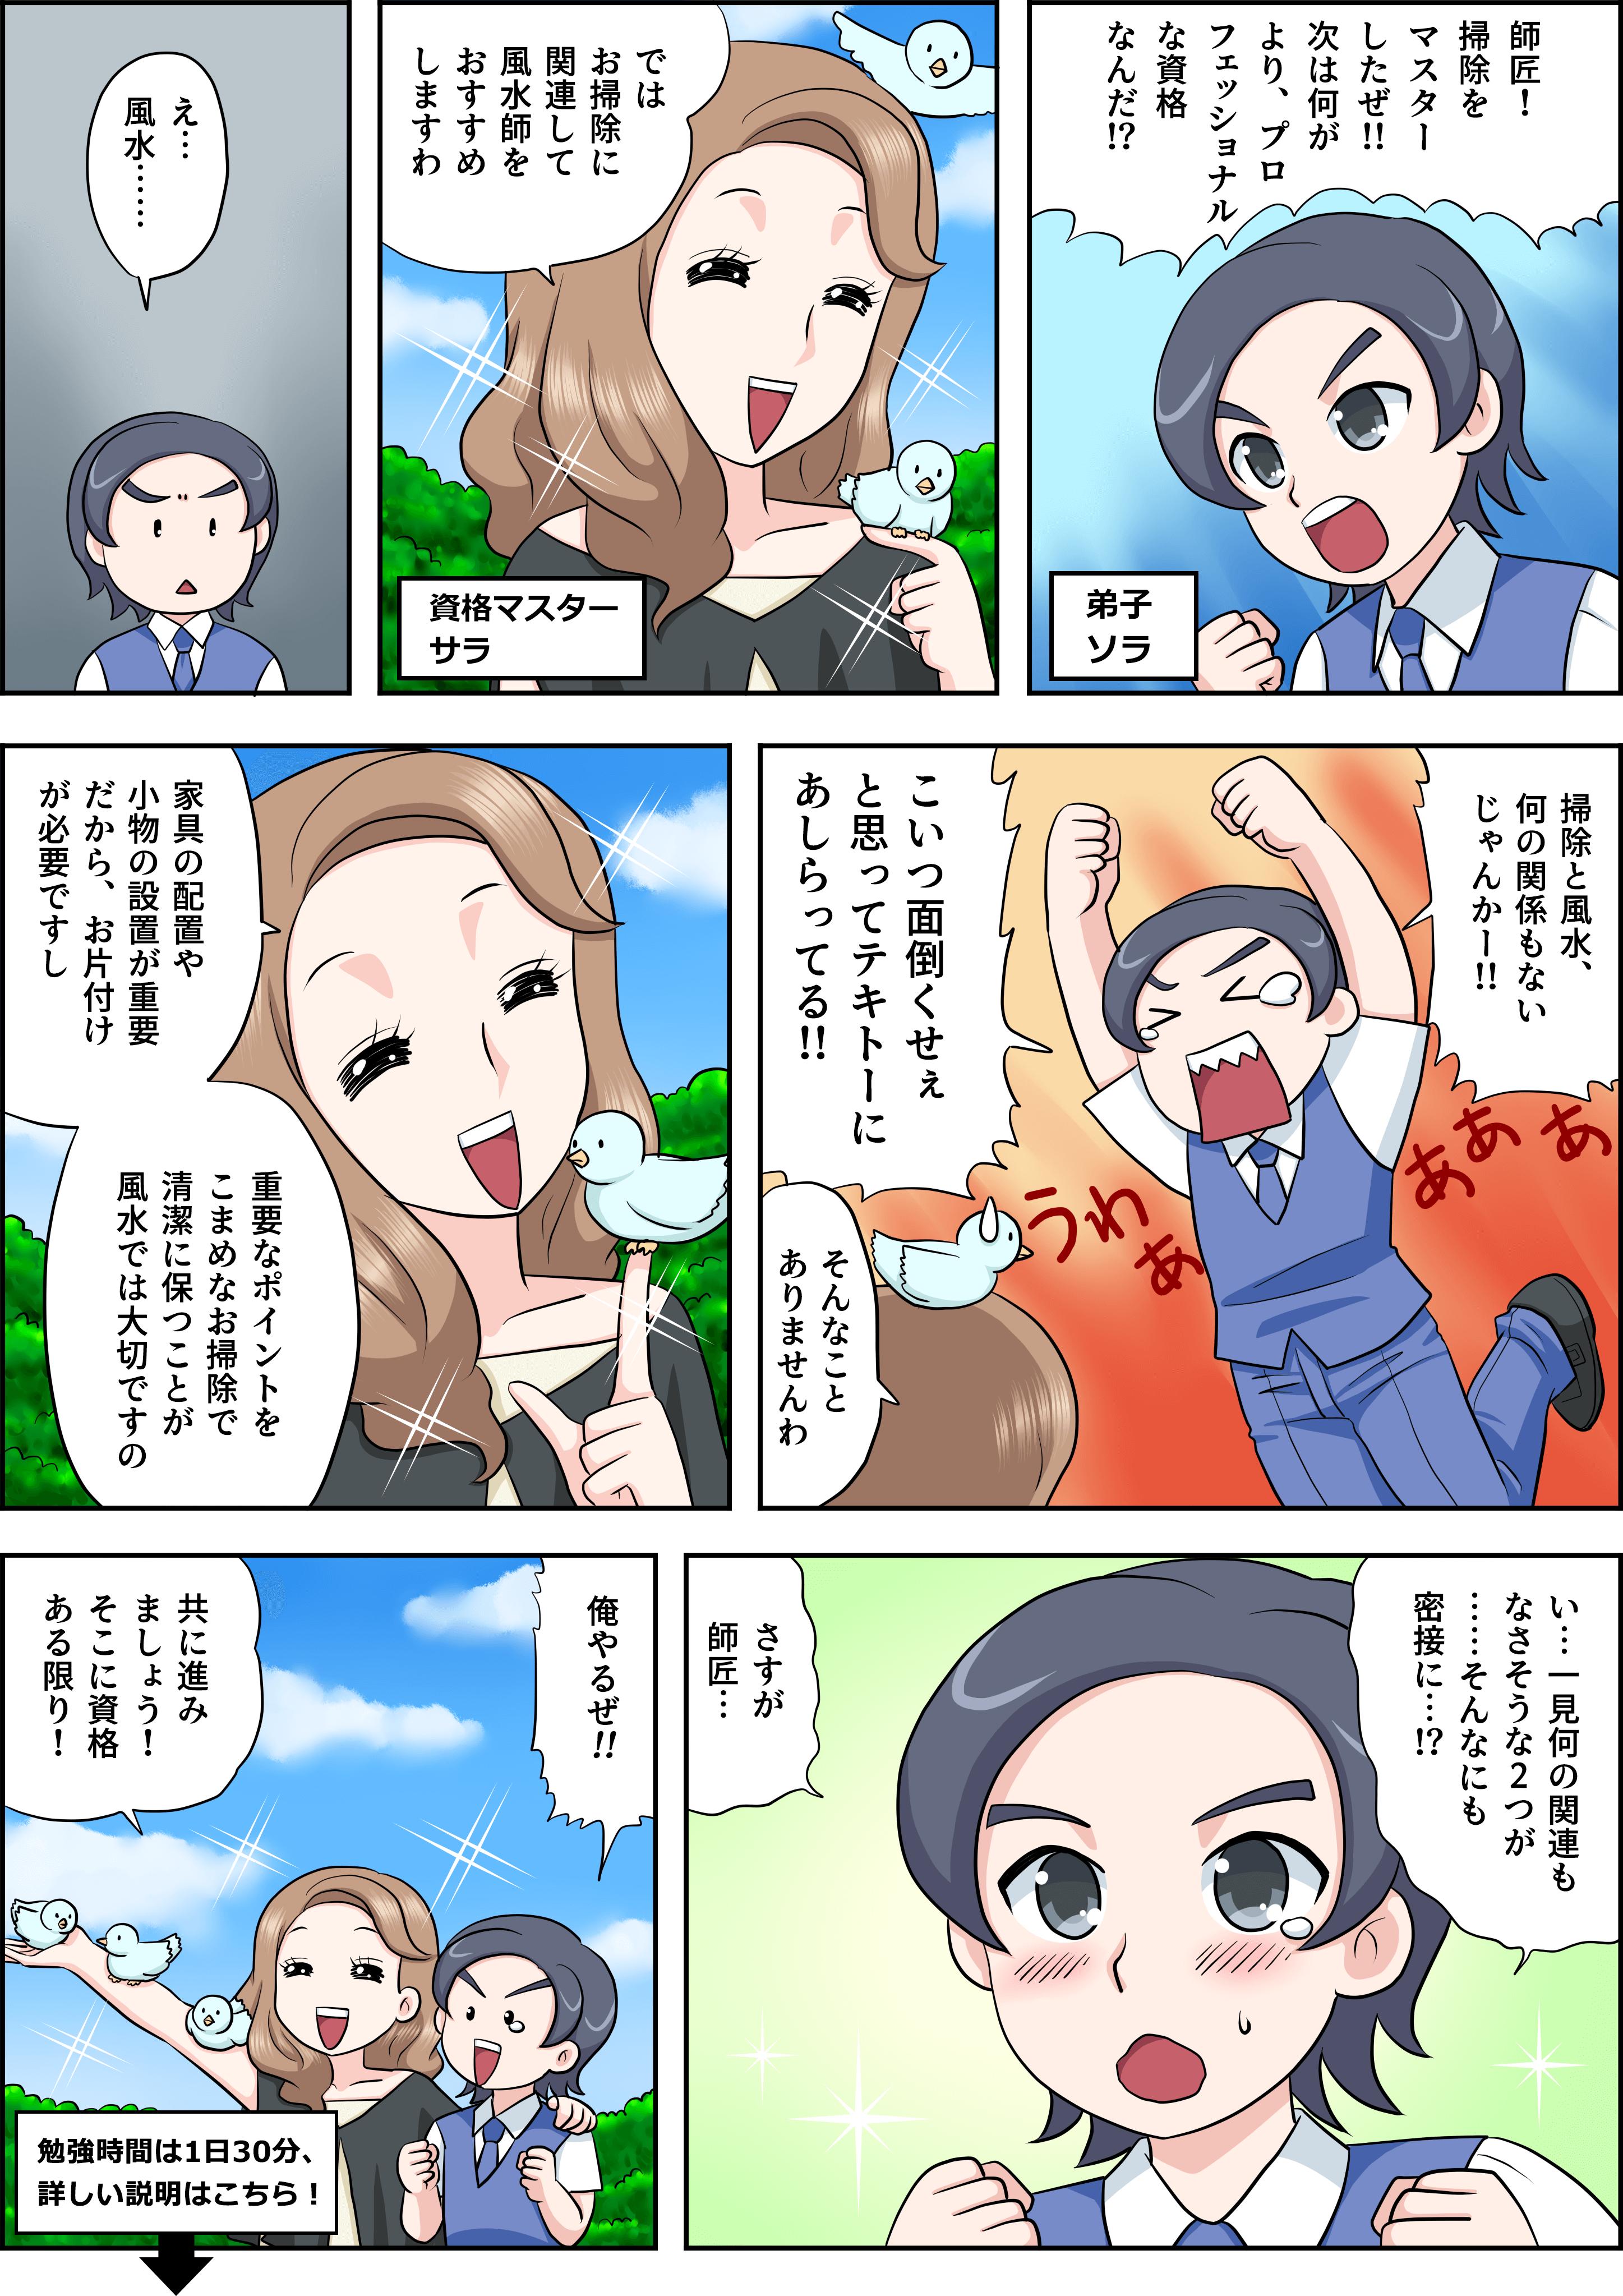 風水師の漫画